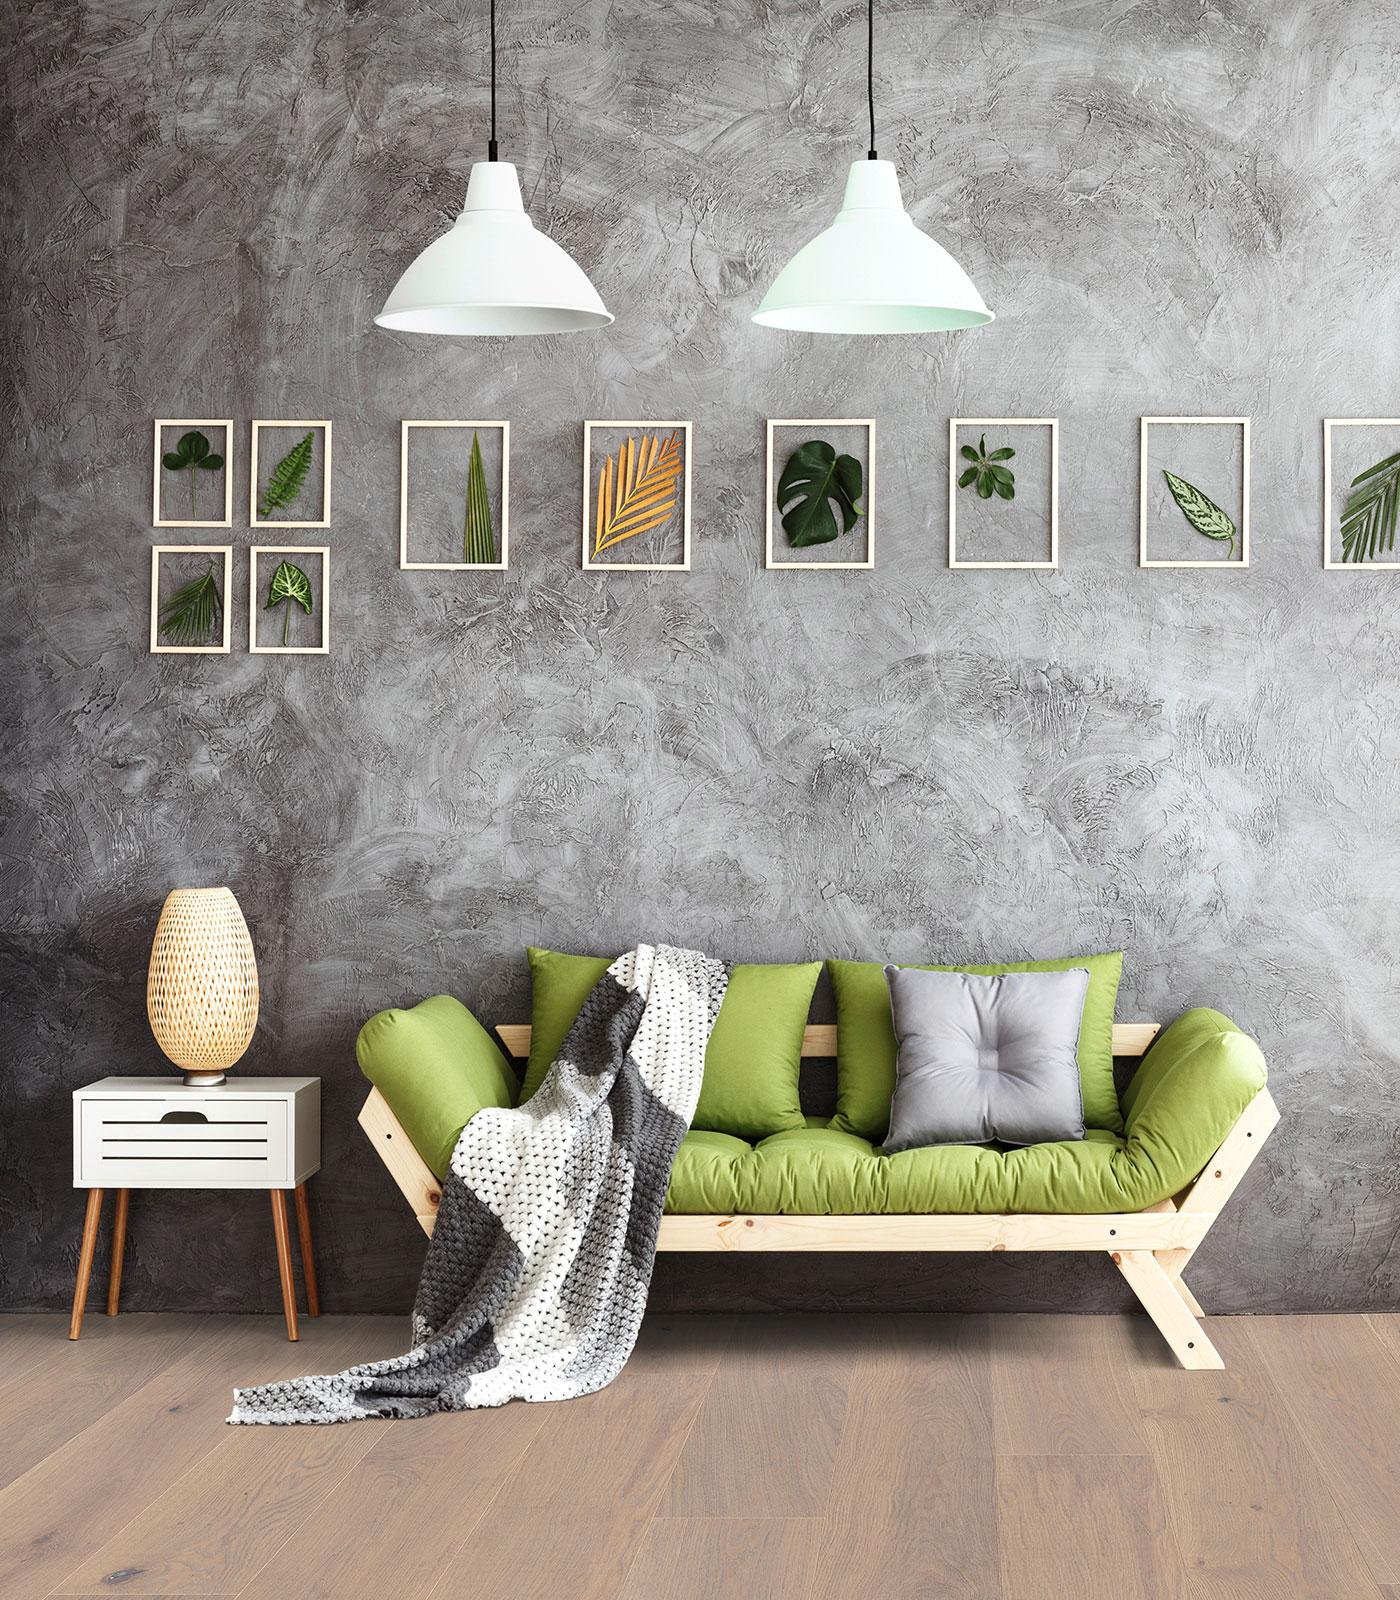 PISOS DO BRASIL - PISOS MADERA - FLOOR ART -Limestone-Room.jpg